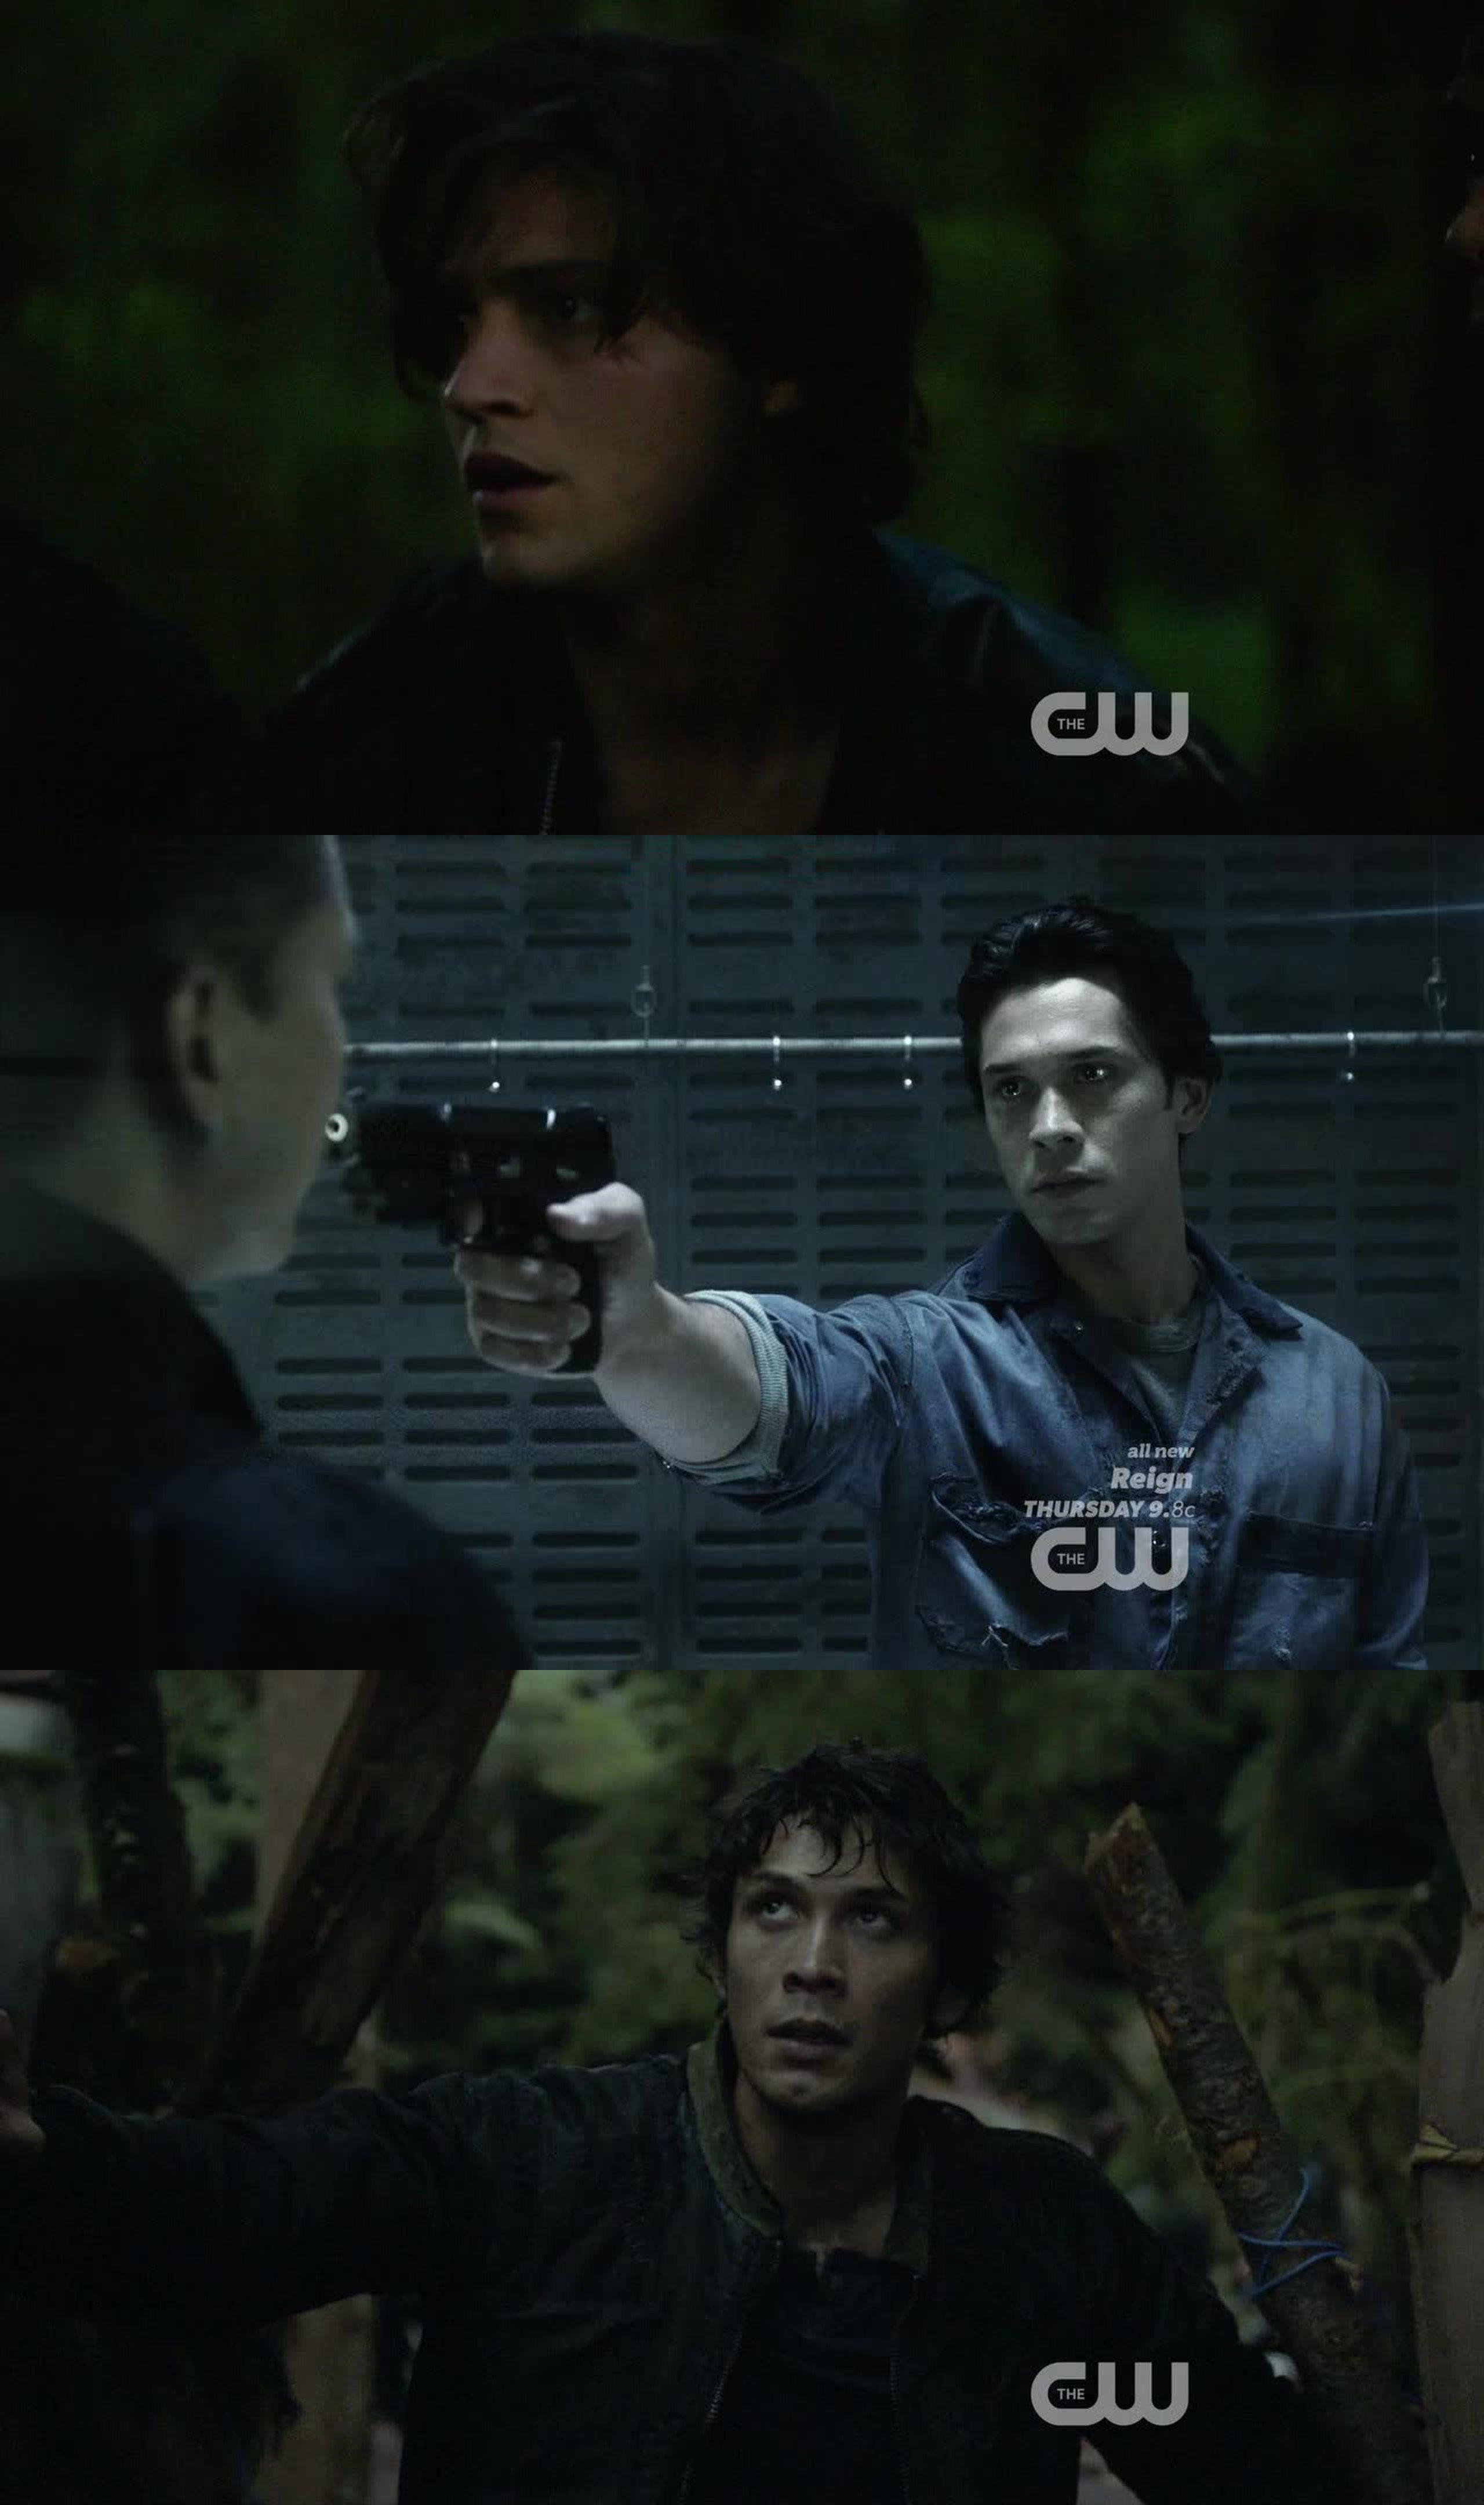 Interessanti i flashback tra Octavia e Bellamy.